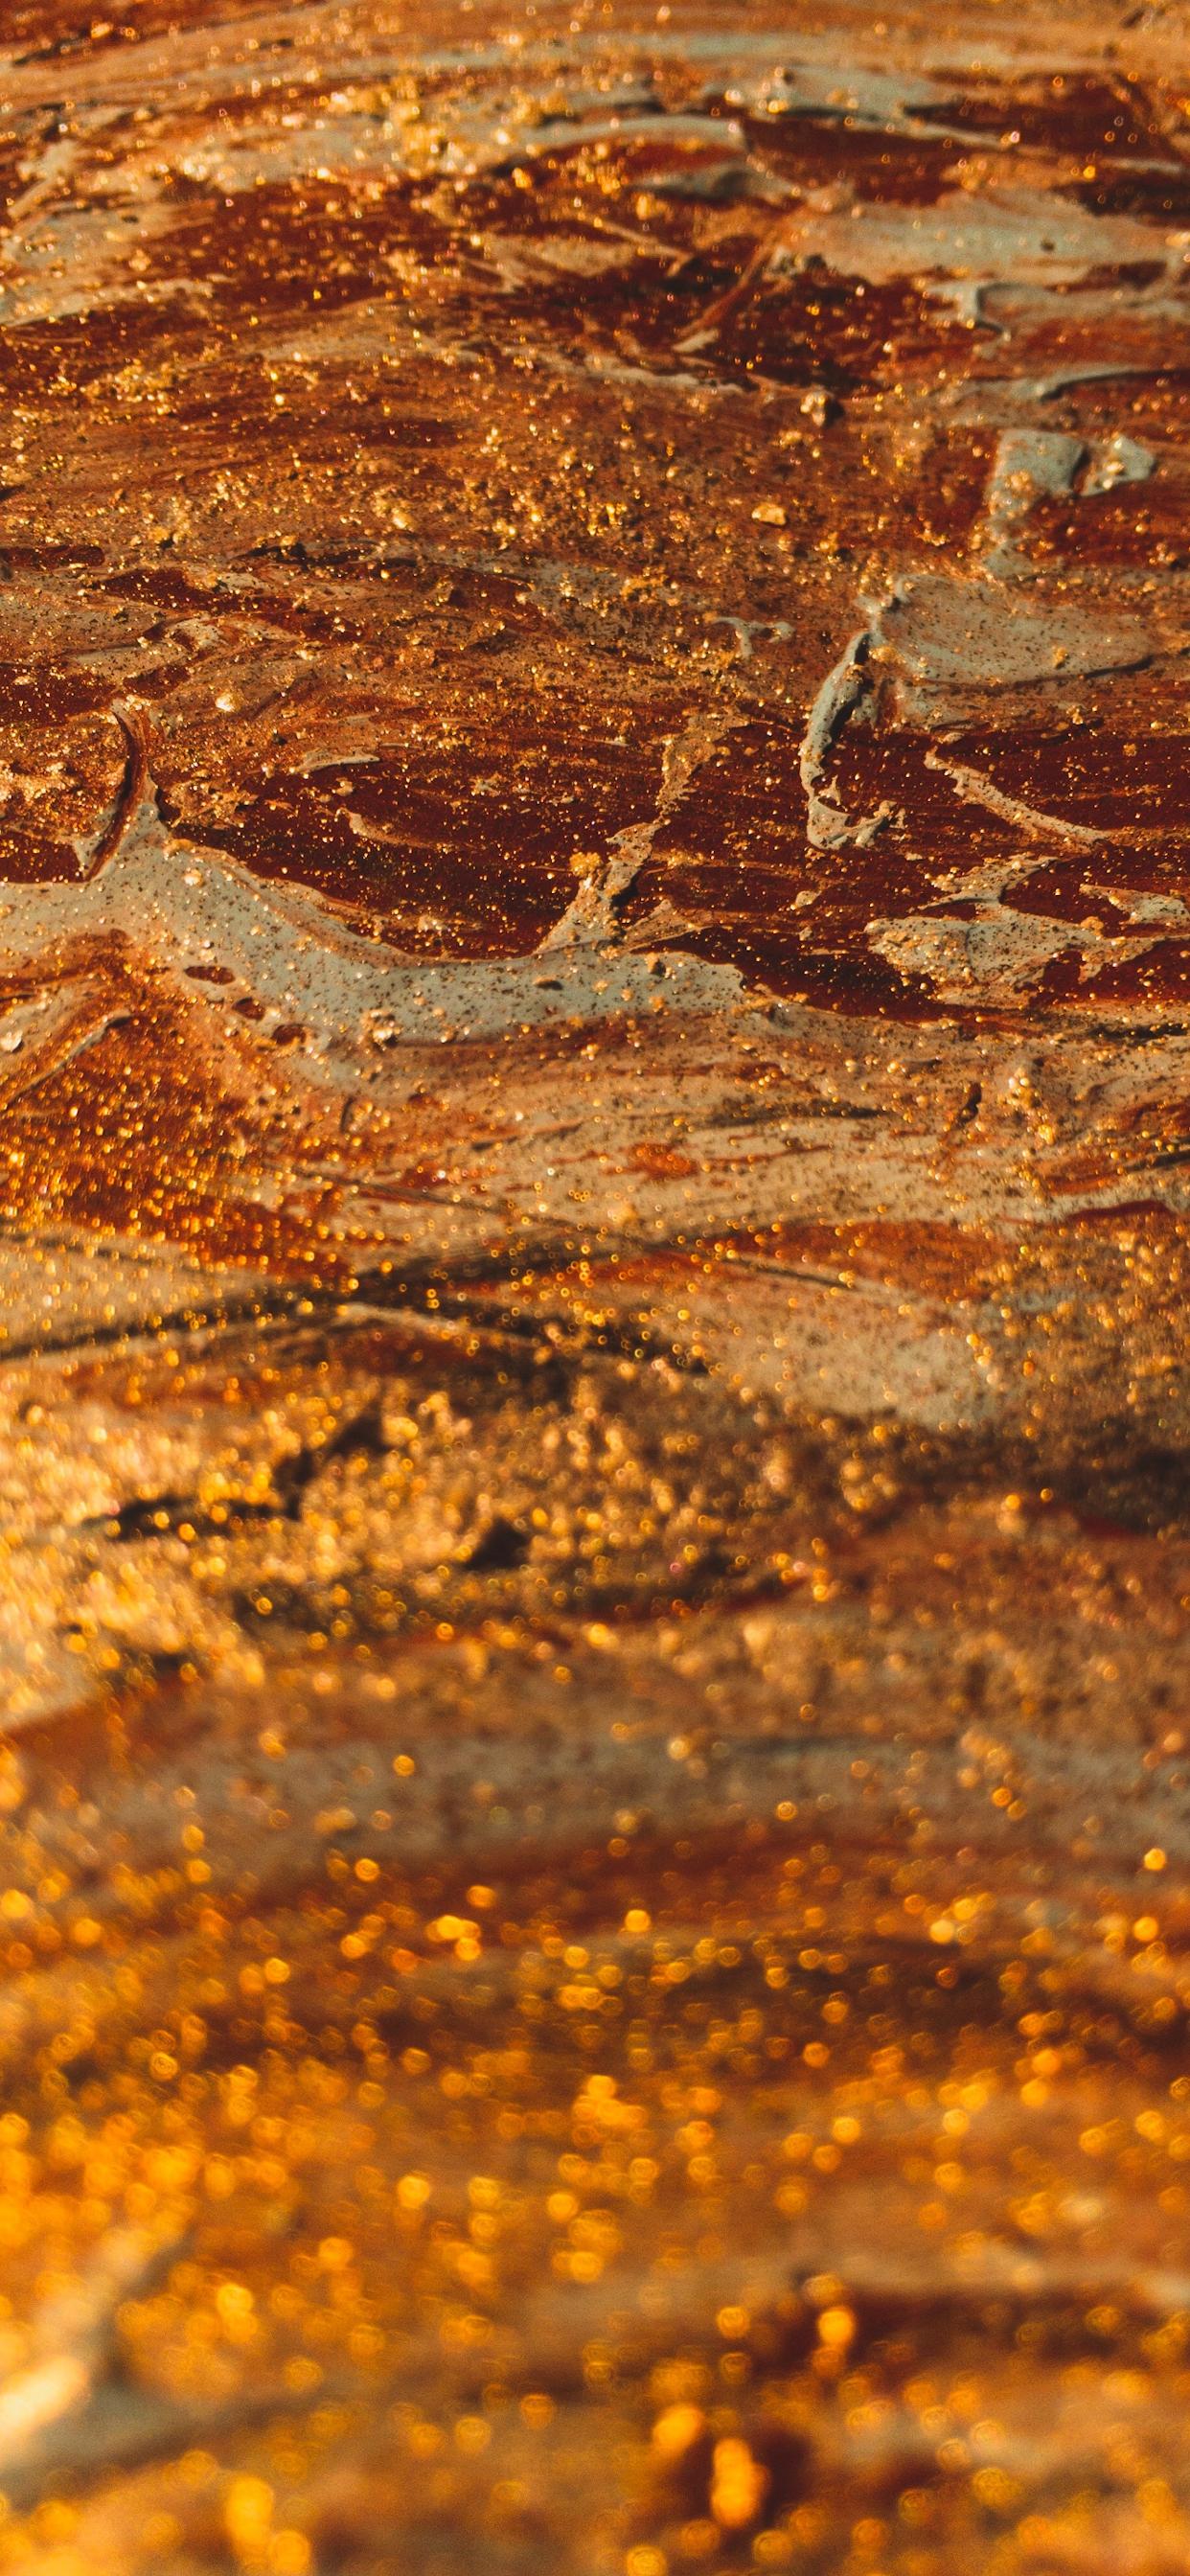 iPhone wallpapers texture paint shine Fonds d'écran iPhone du 21/02/2020